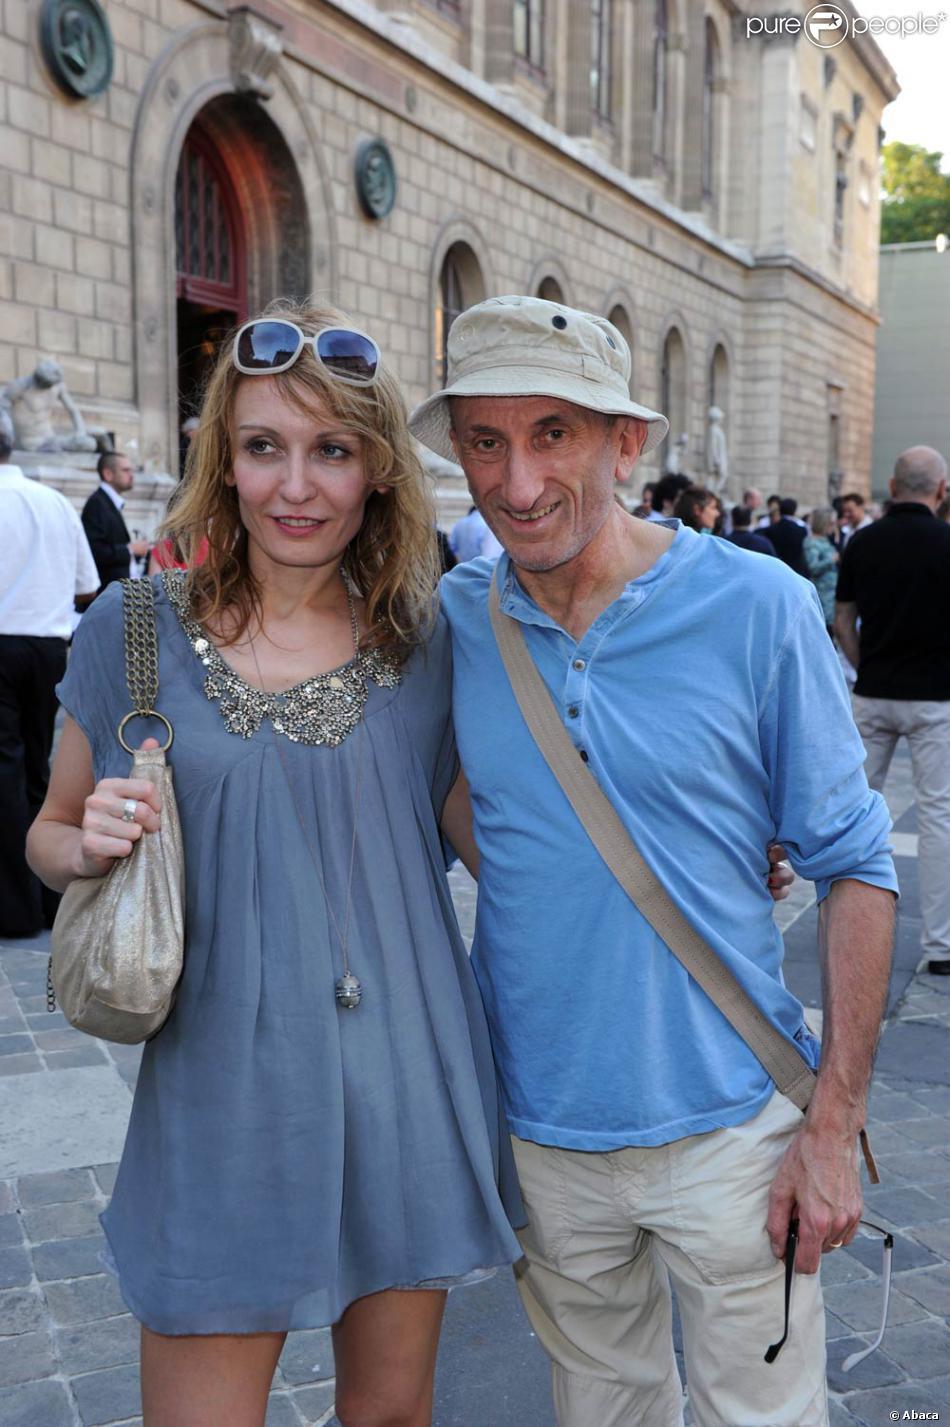 Jean fran ois derec et sa compagne l 39 occasion du cocktail donn pour la f te du cin ma l - Jean francois balmer et sa femme ...